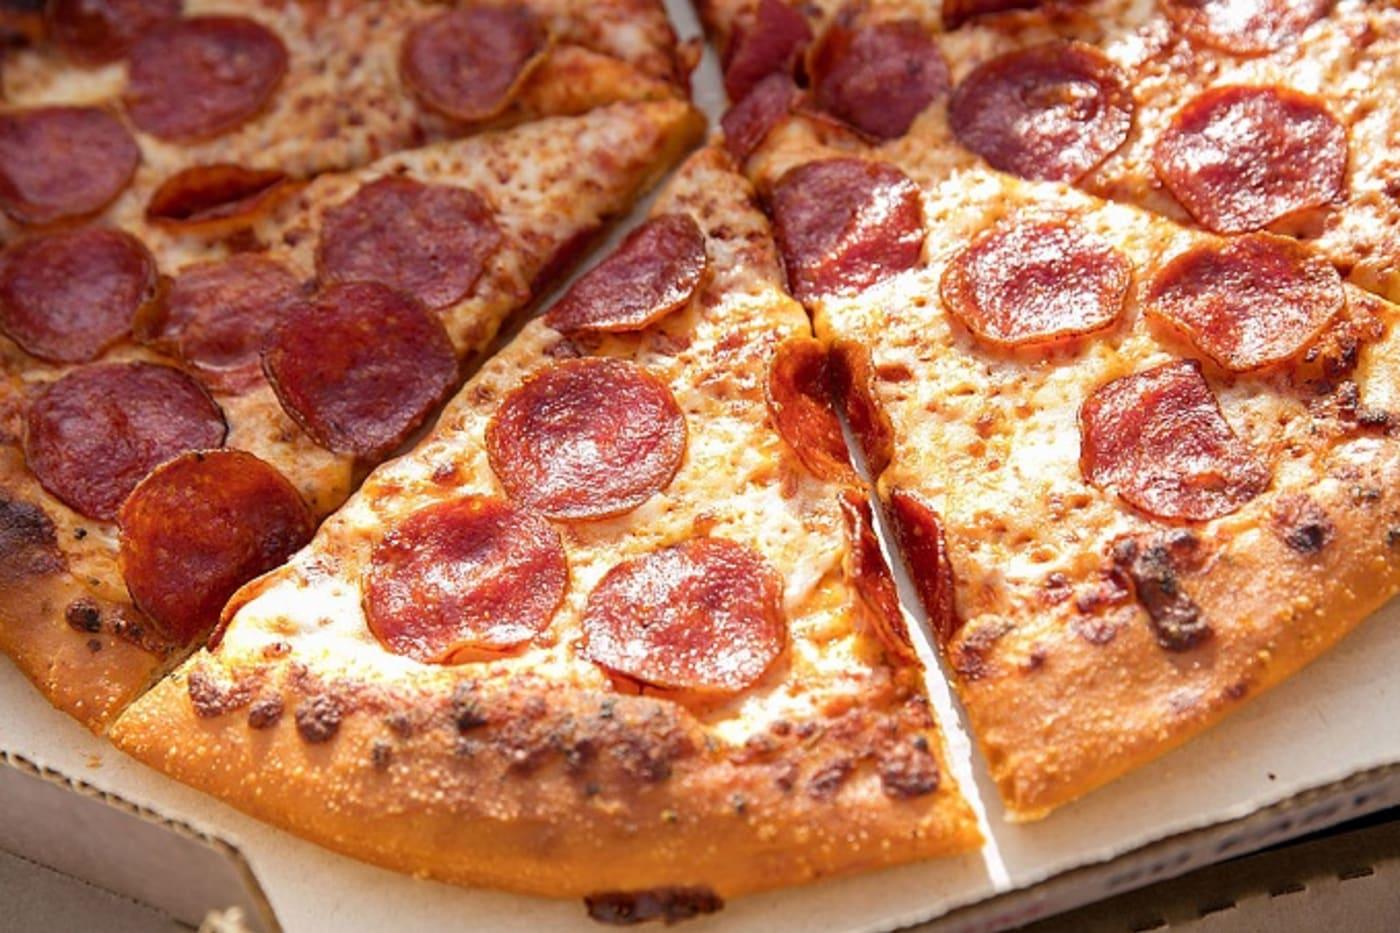 Pizza Hut pizza, man